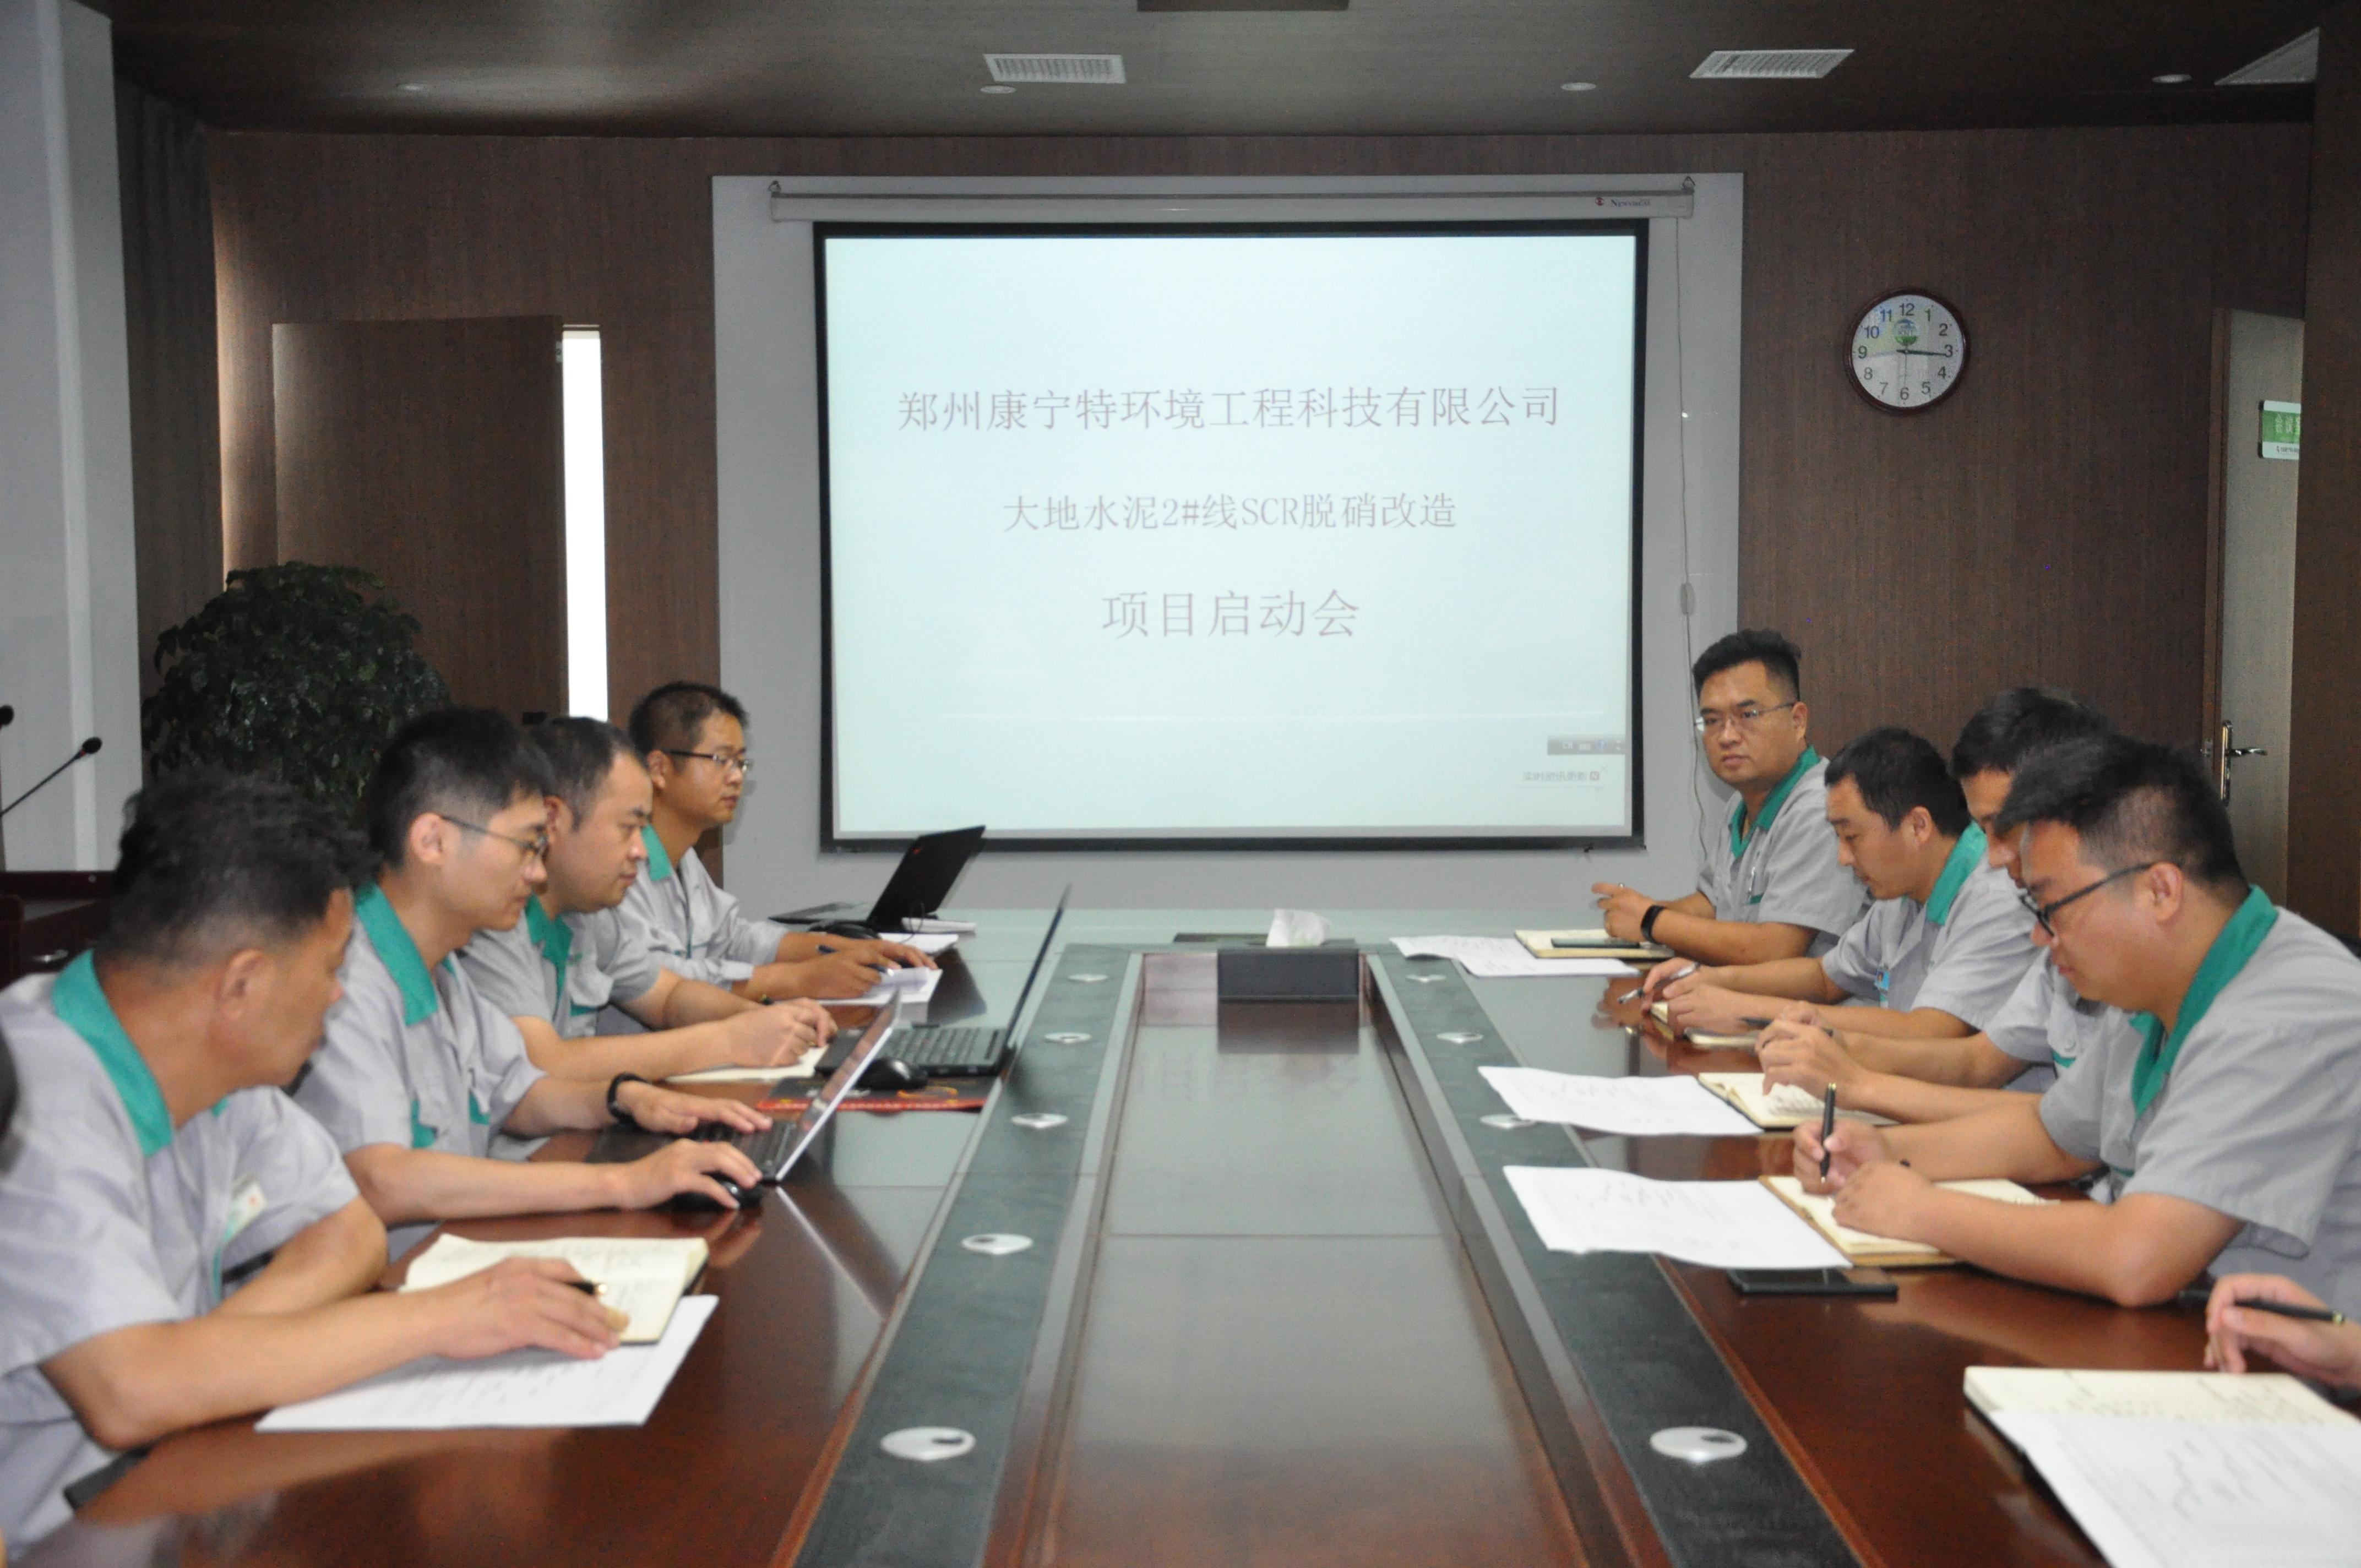 河南省大地水泥有限公司2#生产线SCR脱硝改造项目启动会顺利召开